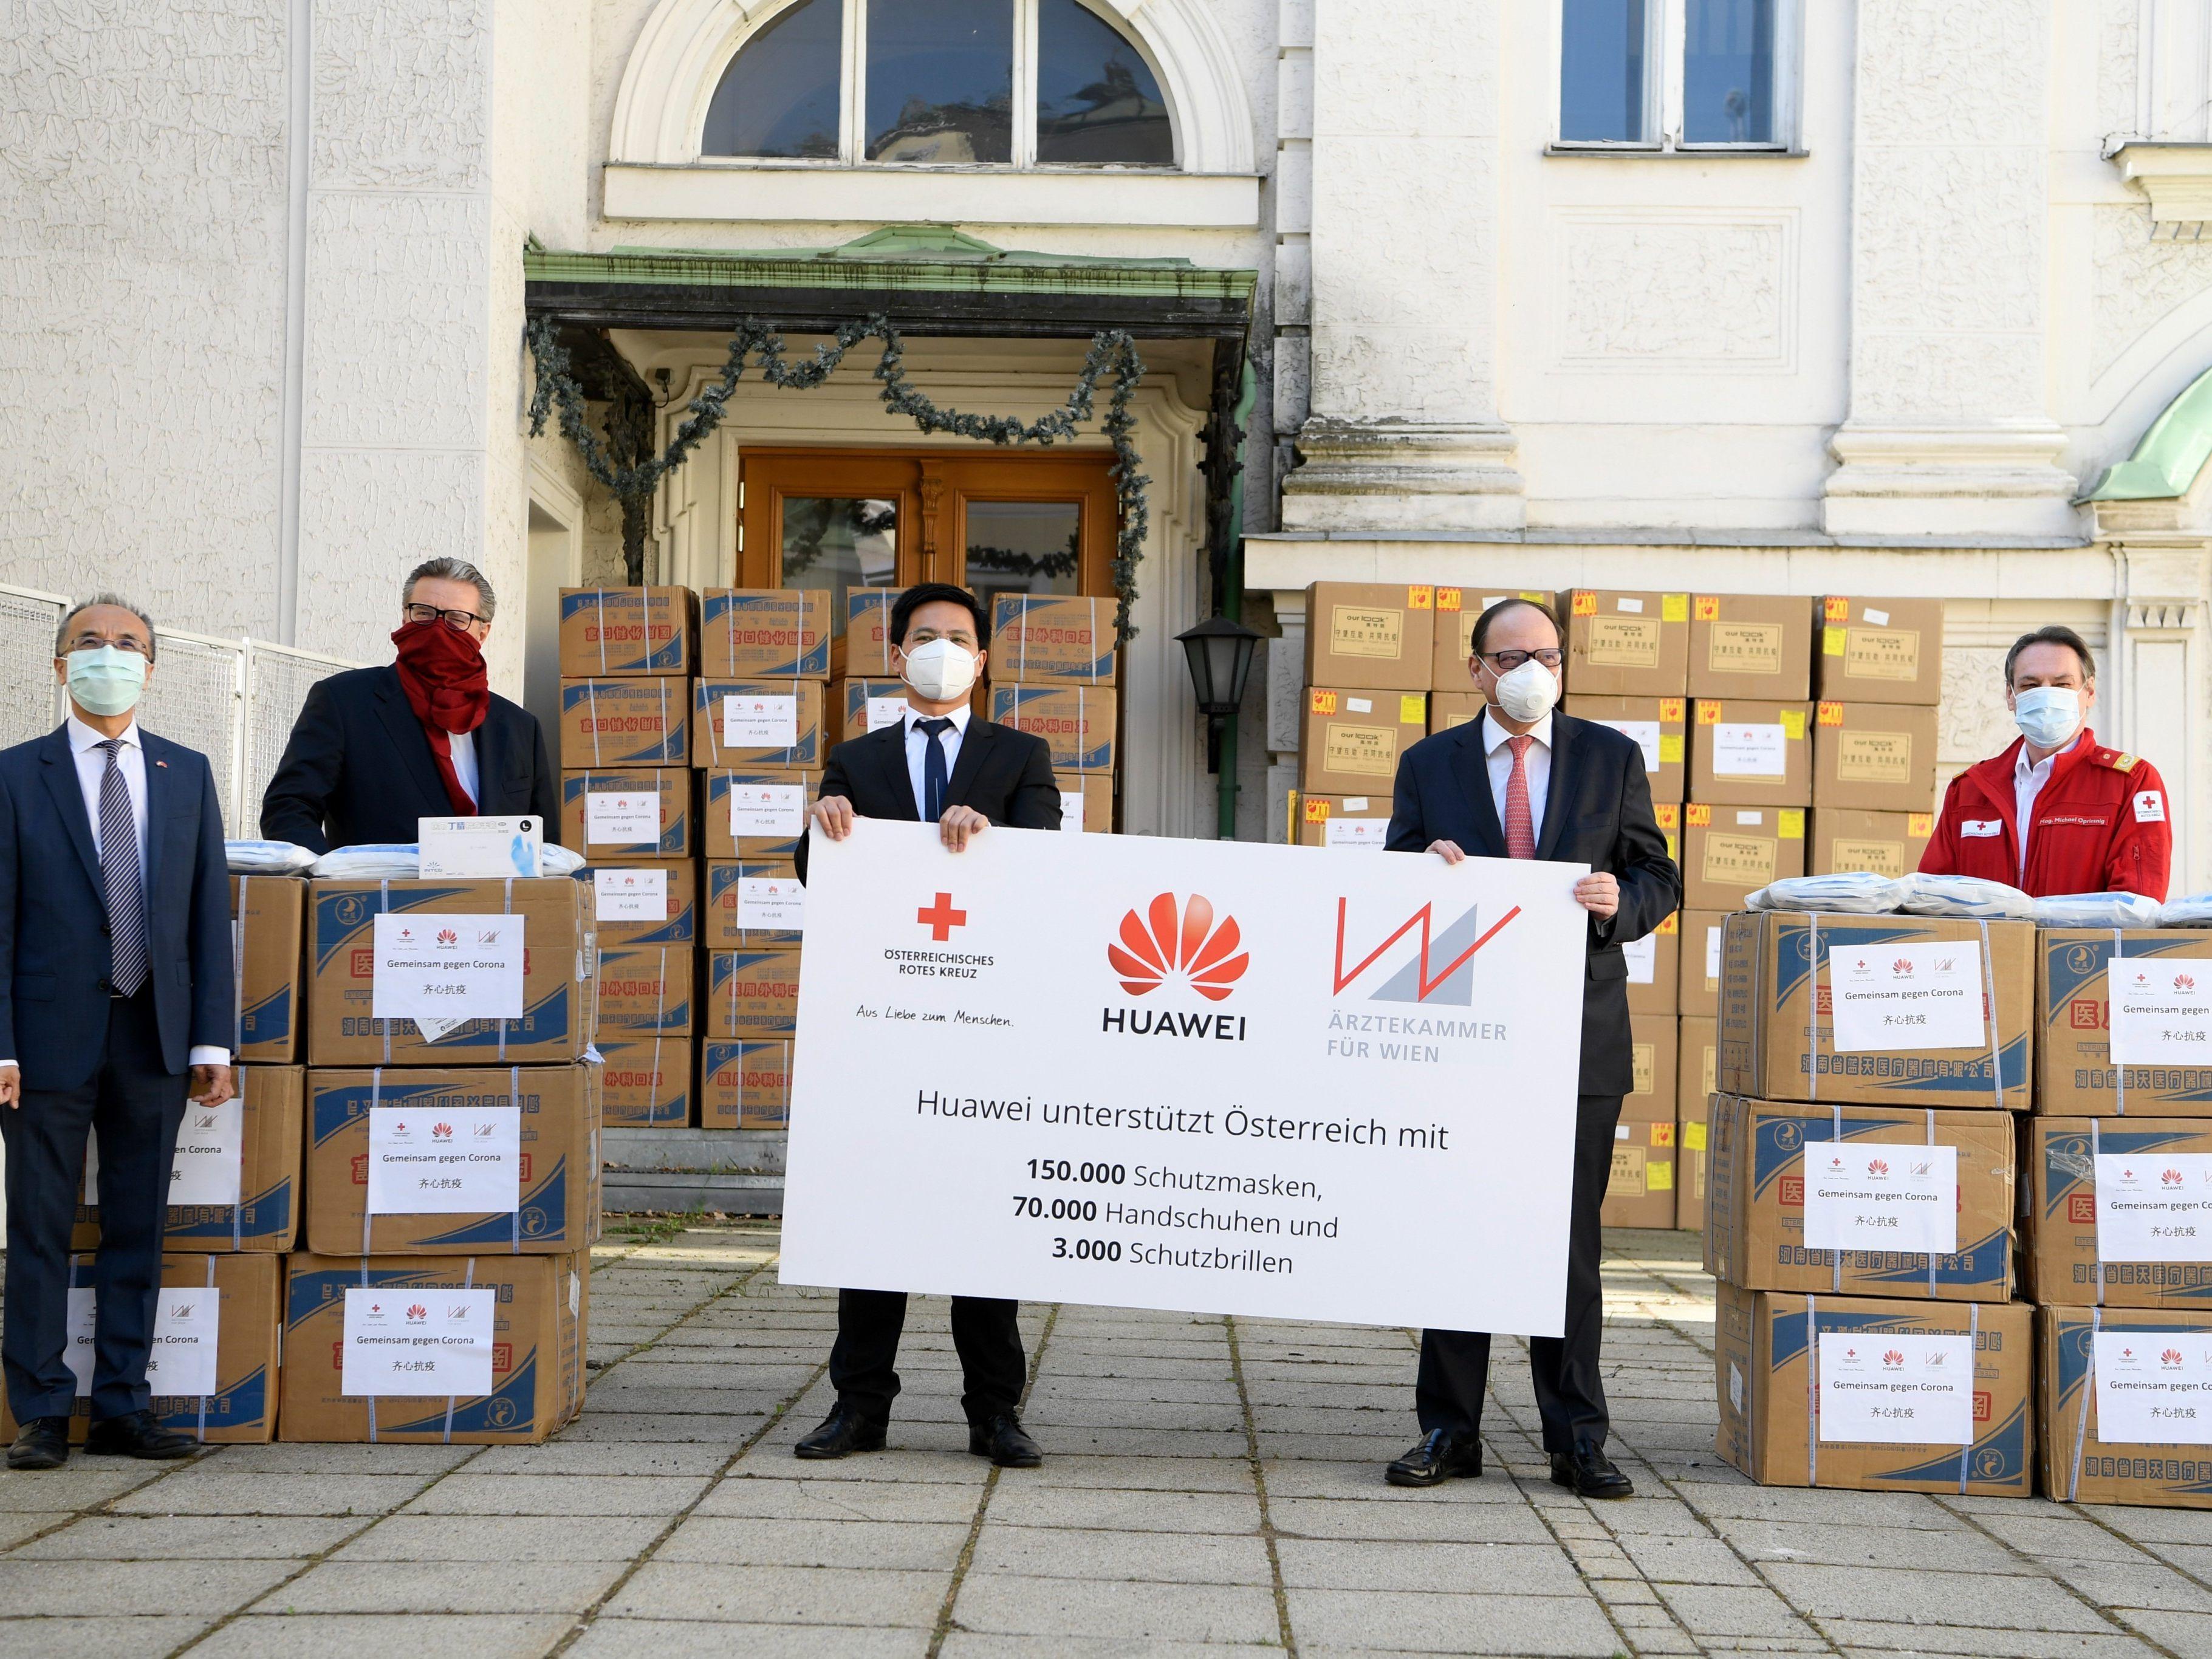 Huawei spendete Schutzausrüstung für Österreich - Coronavirus Wien ...